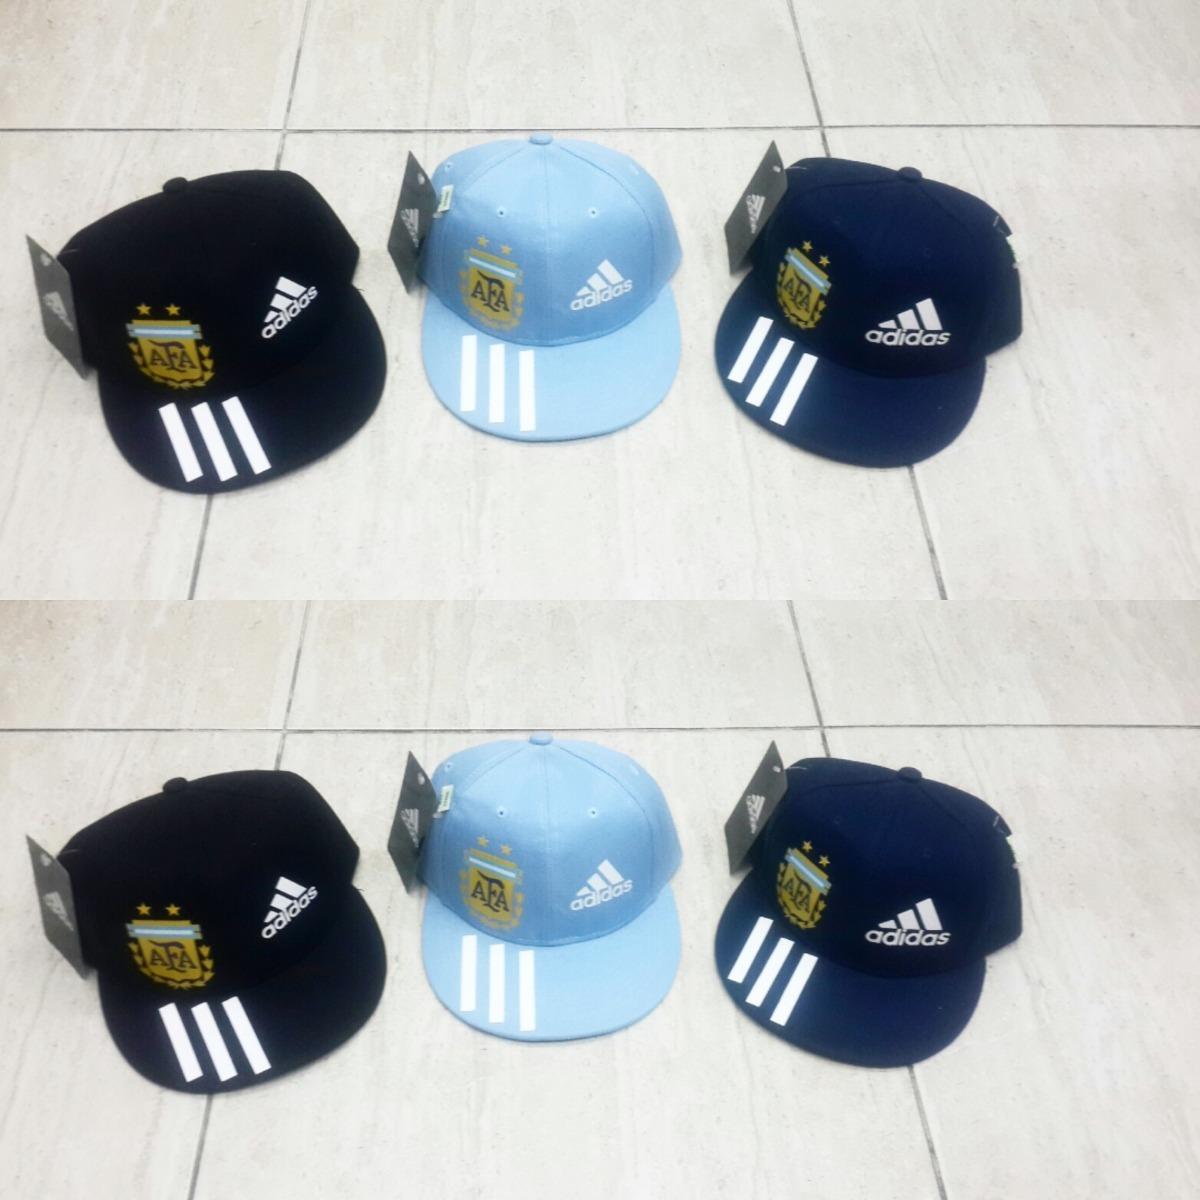 8e8015dba6ff5 gorra seleccion argentina. Cargando zoom.